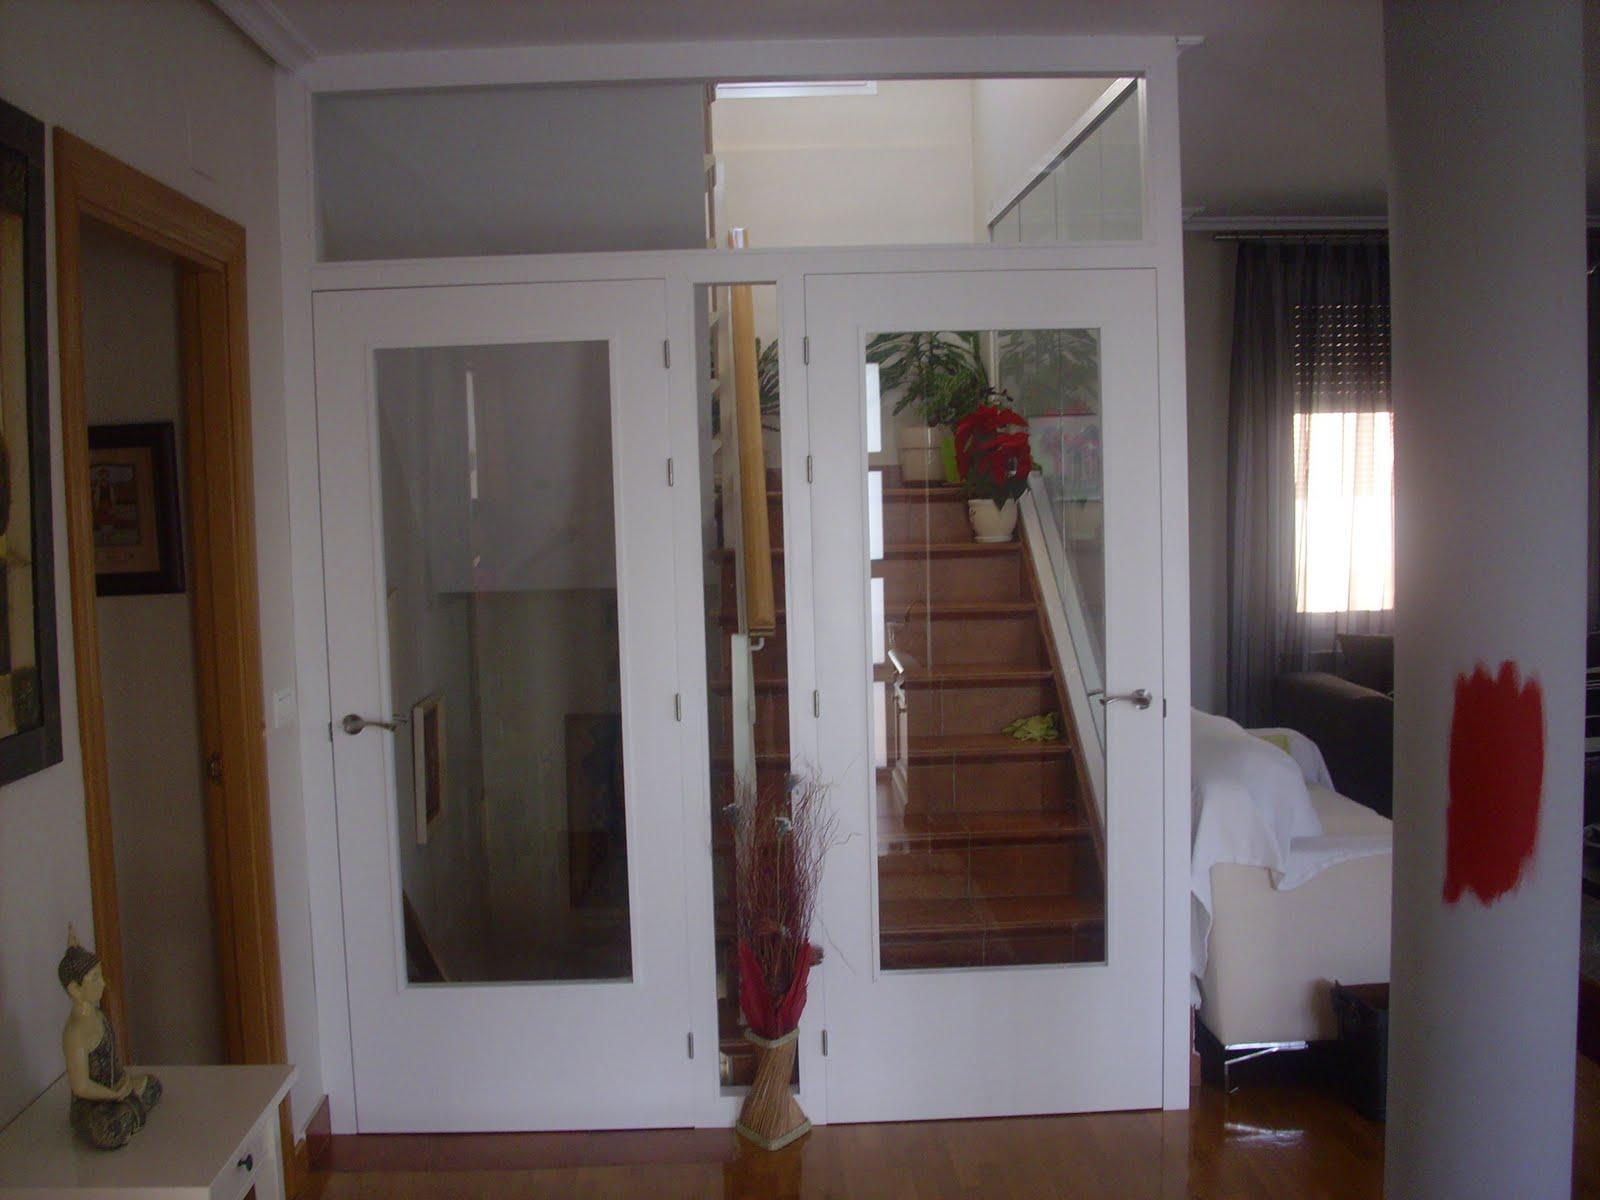 El carpintero cerramiento de huecos de escalera - Huecos de escalera ...